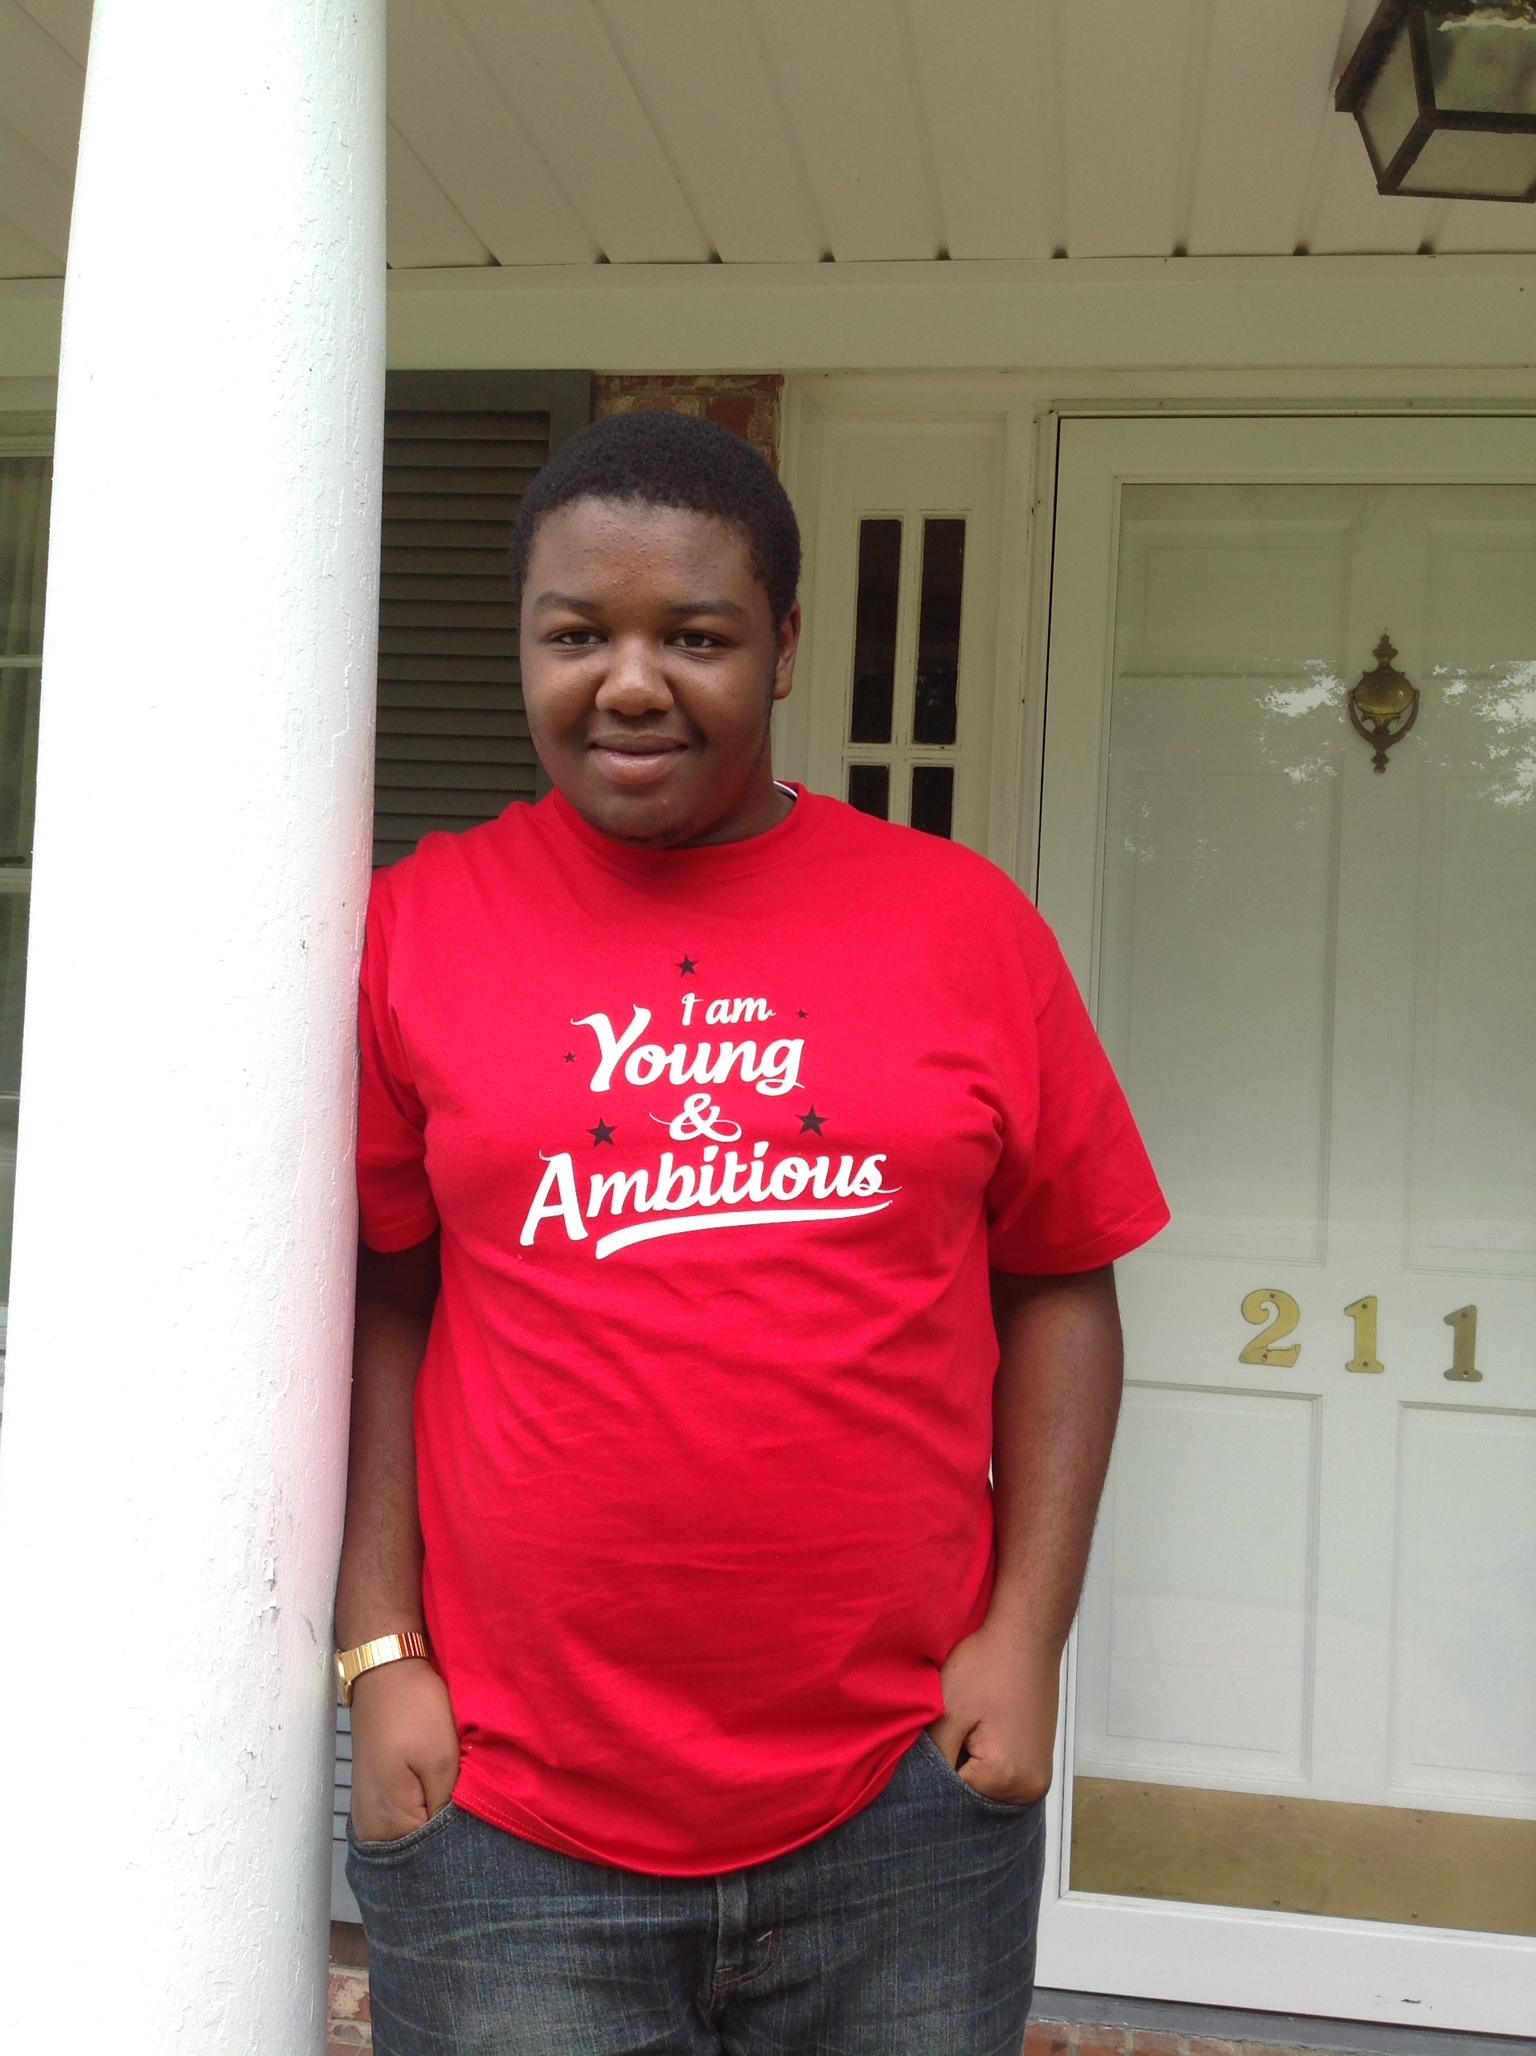 Joshua is SC is #YoungAndAmbitious